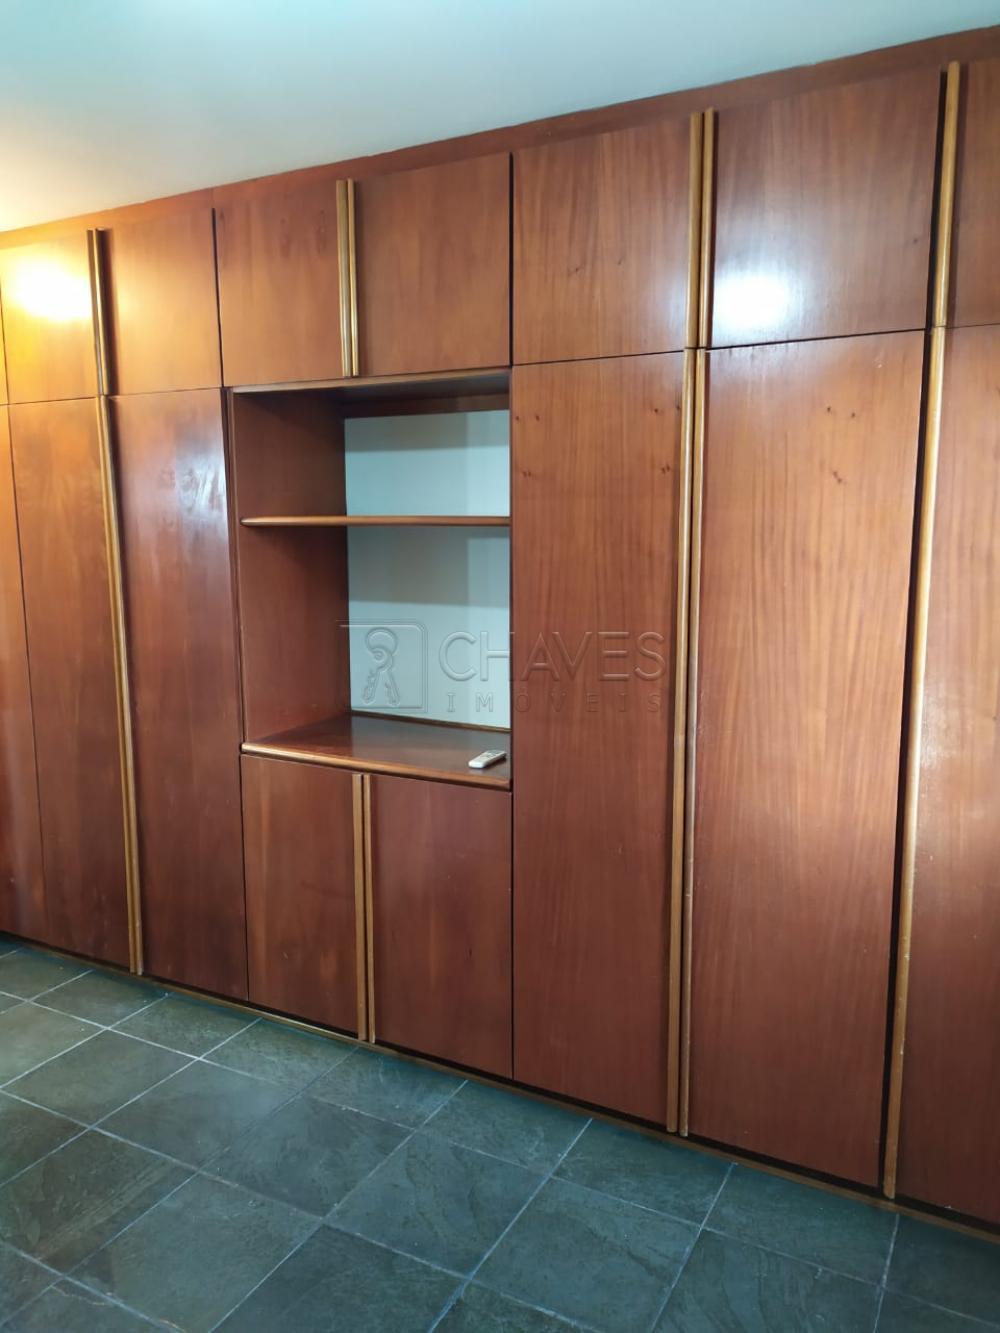 Alugar Apartamento / Padrão em Ribeirão Preto R$ 1.100,00 - Foto 15